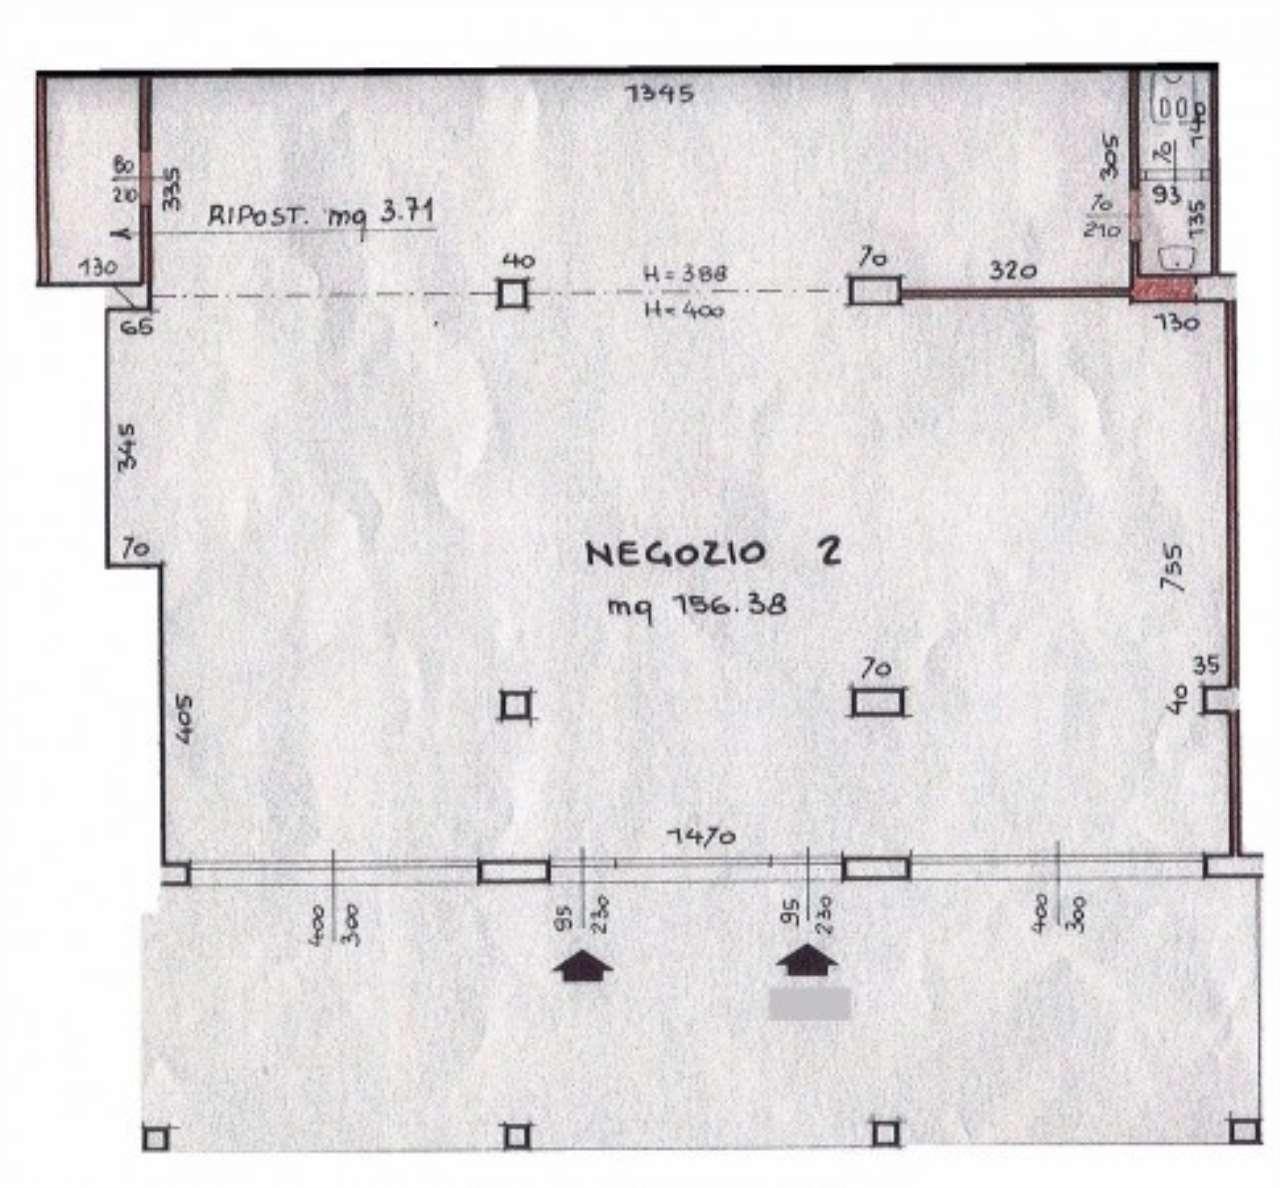 Negozio / Locale in vendita a Brescia, 3 locali, prezzo € 170.000 | Cambio Casa.it